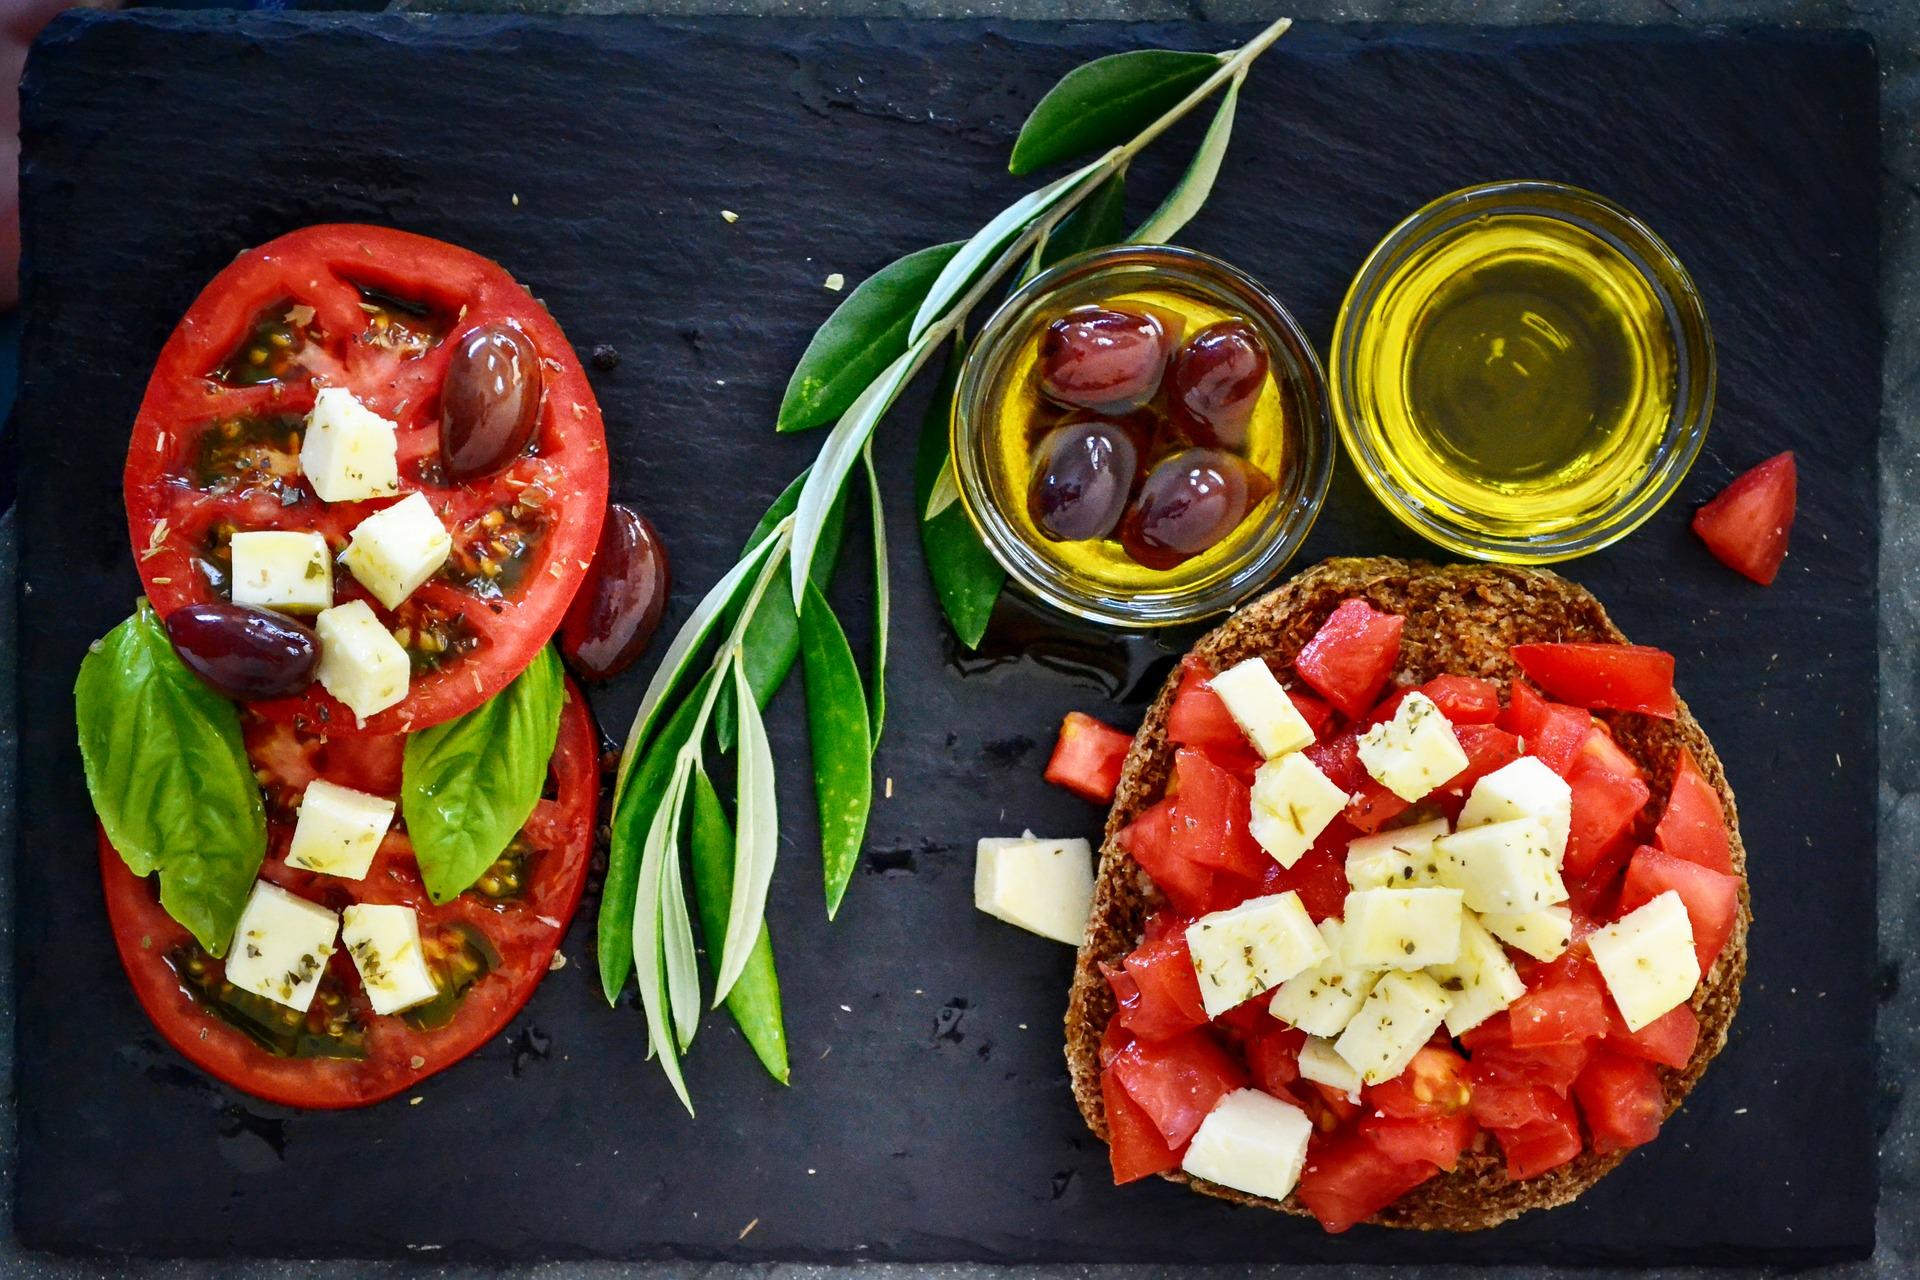 Dieta Mediterranea e olio extravergine d'oliva